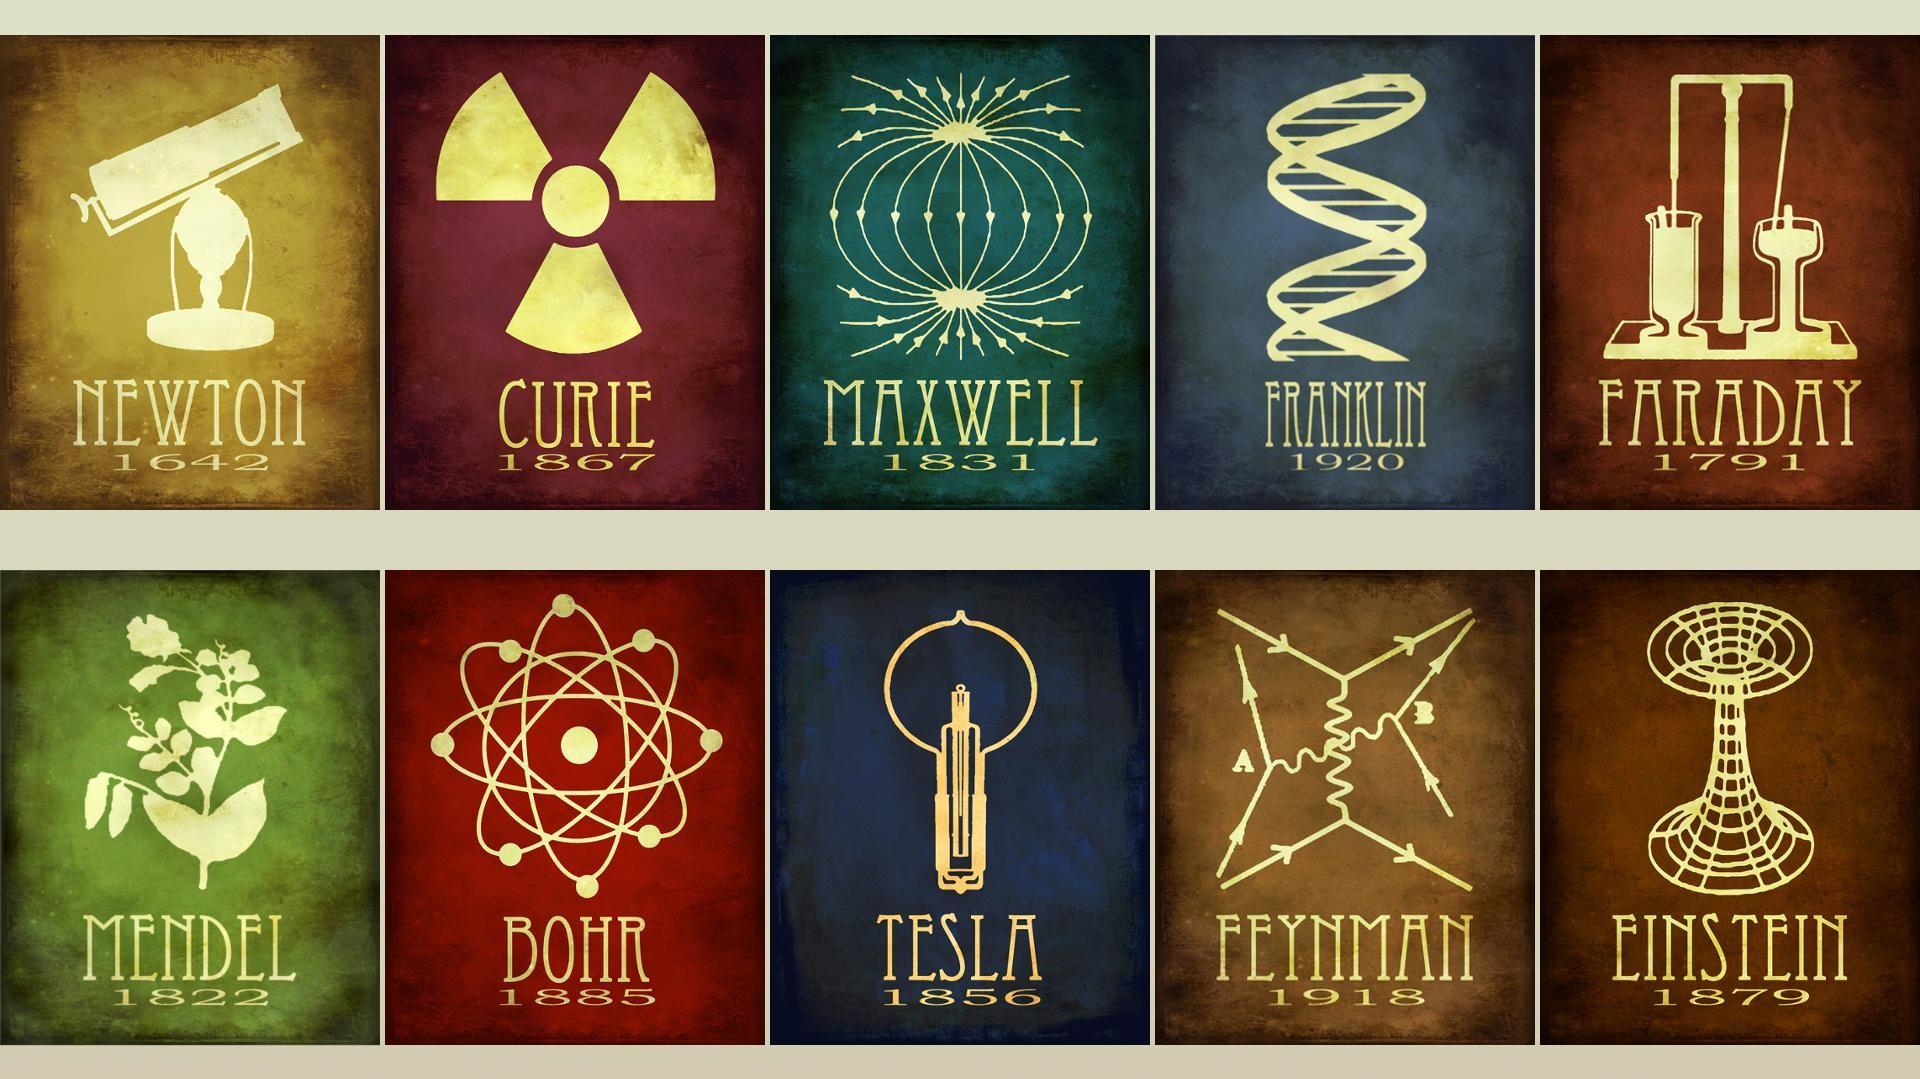 Newton Bohr Curie Faraday Franklin Maxwell Einstein